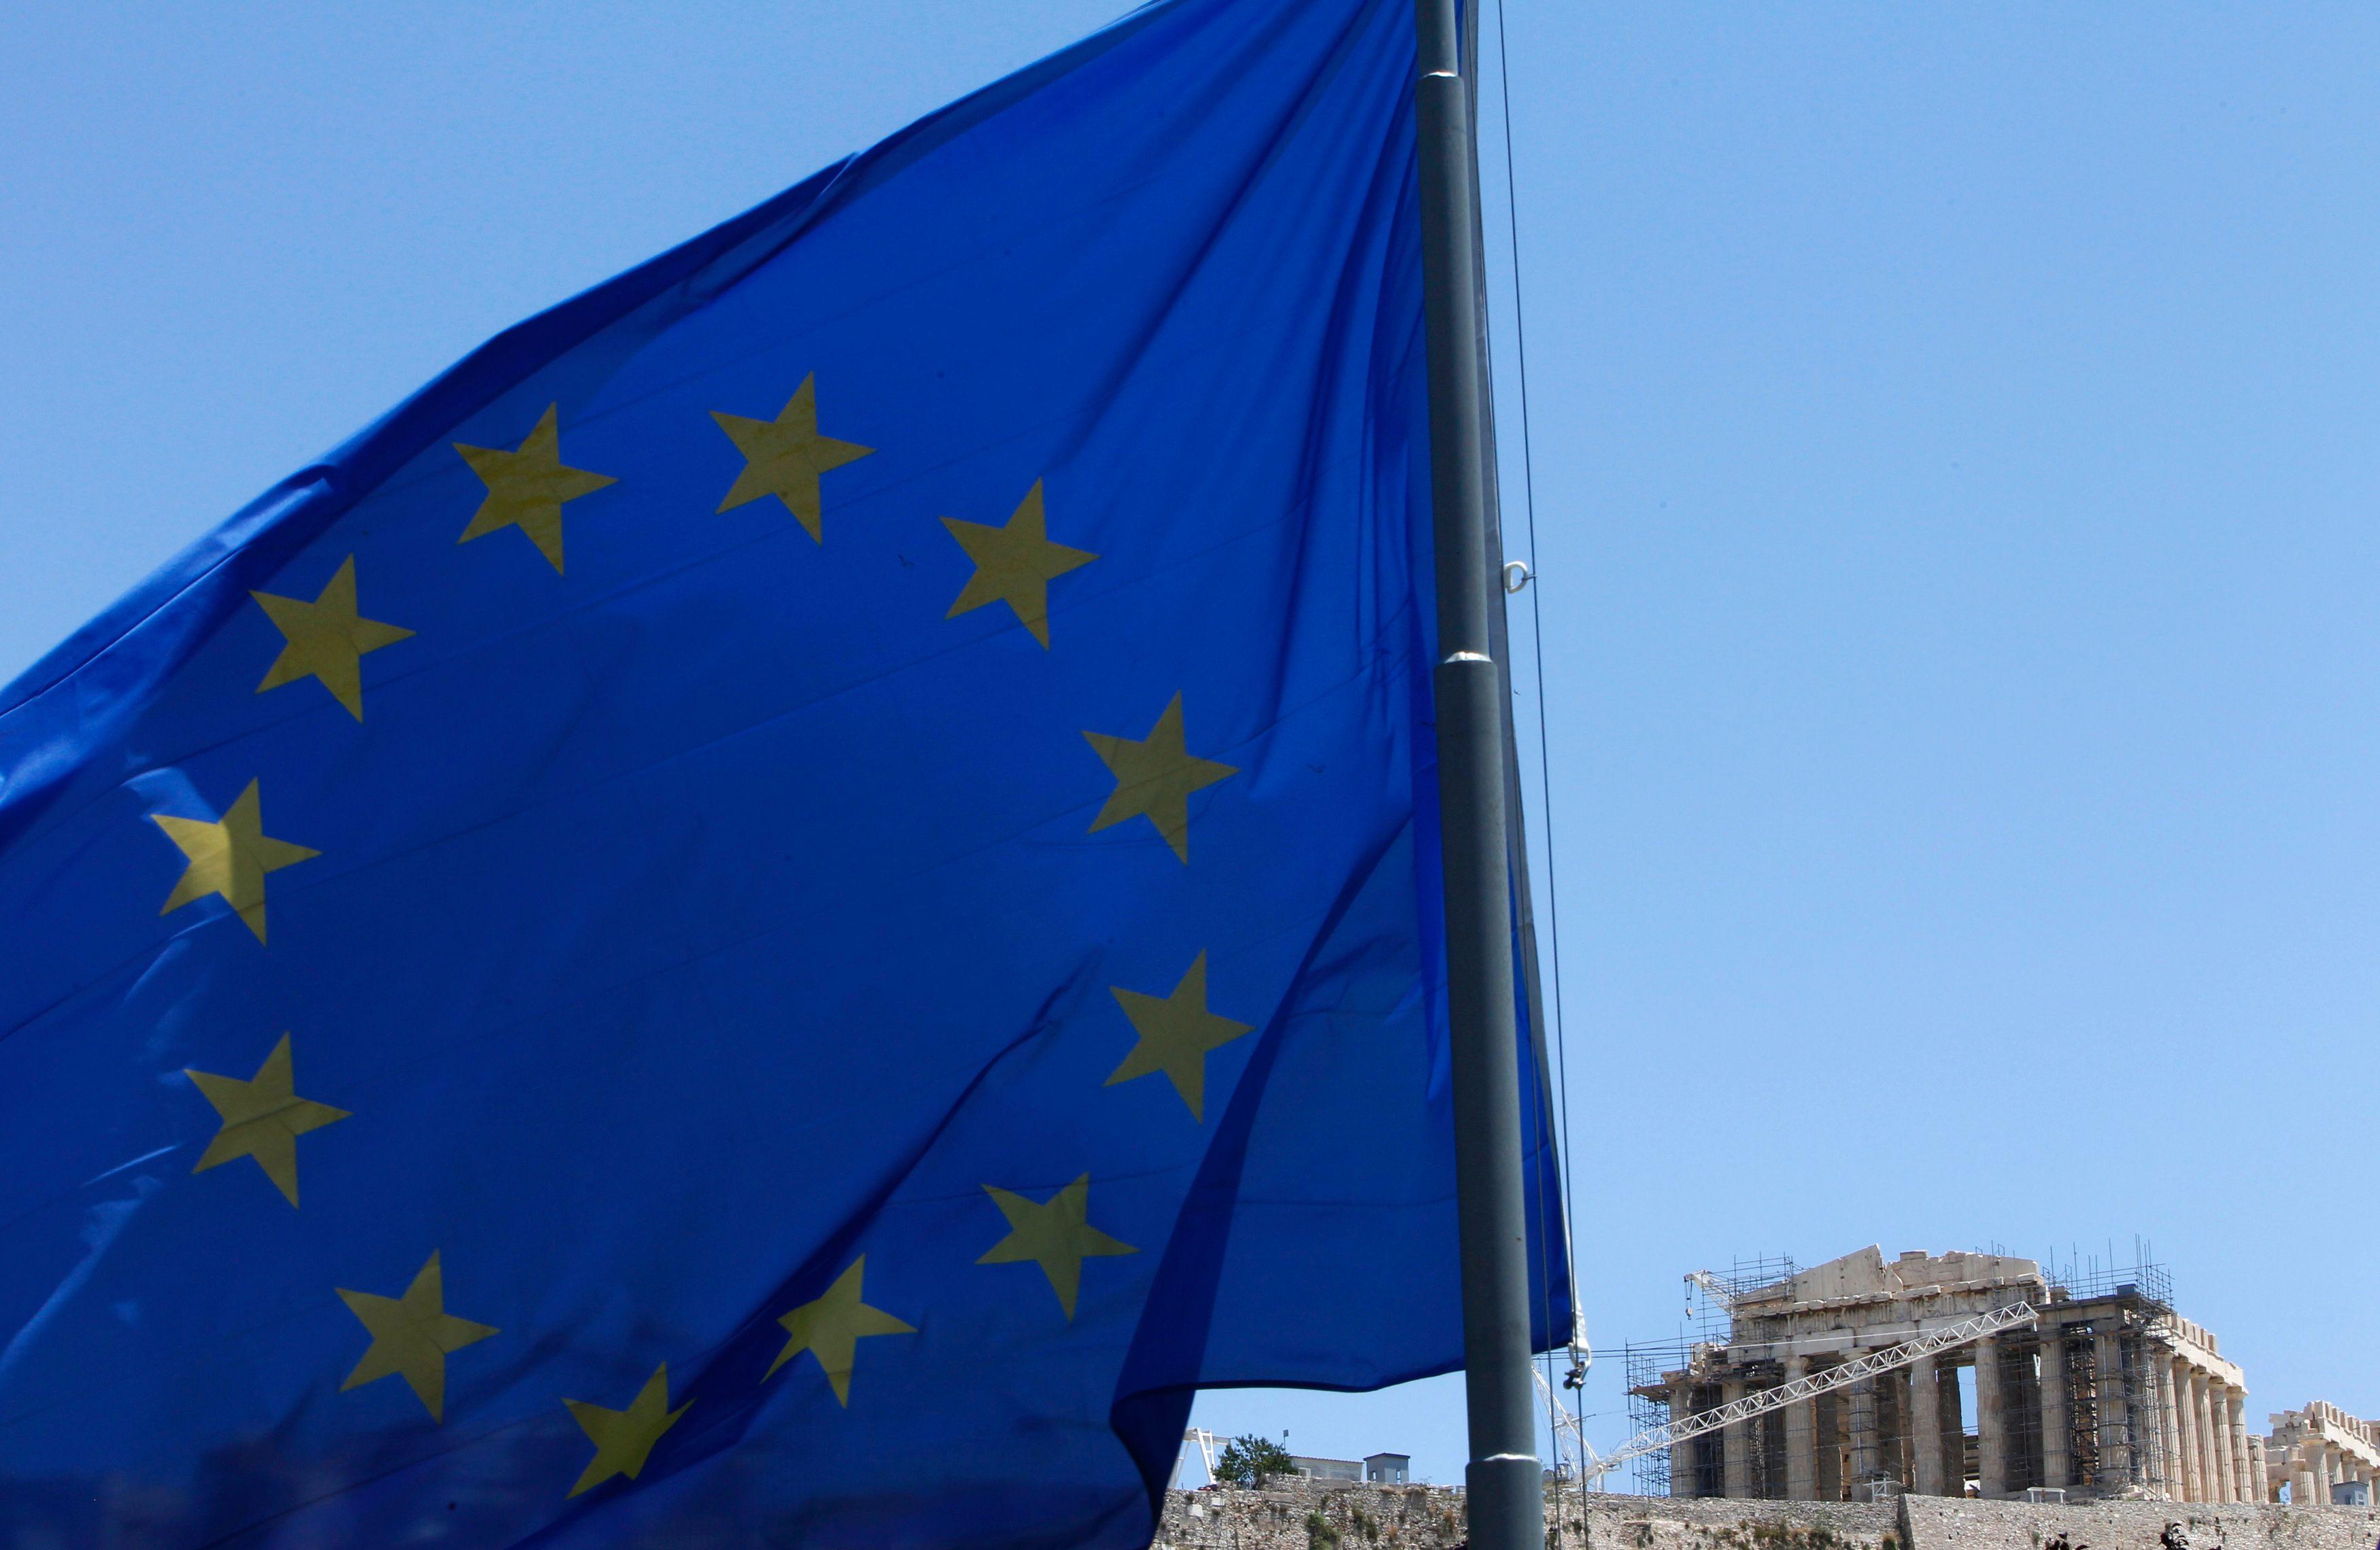 Les dernières élections européennes en attestent, les peuples européens se considèrent de plus en plus à la marge de la construction européenne.